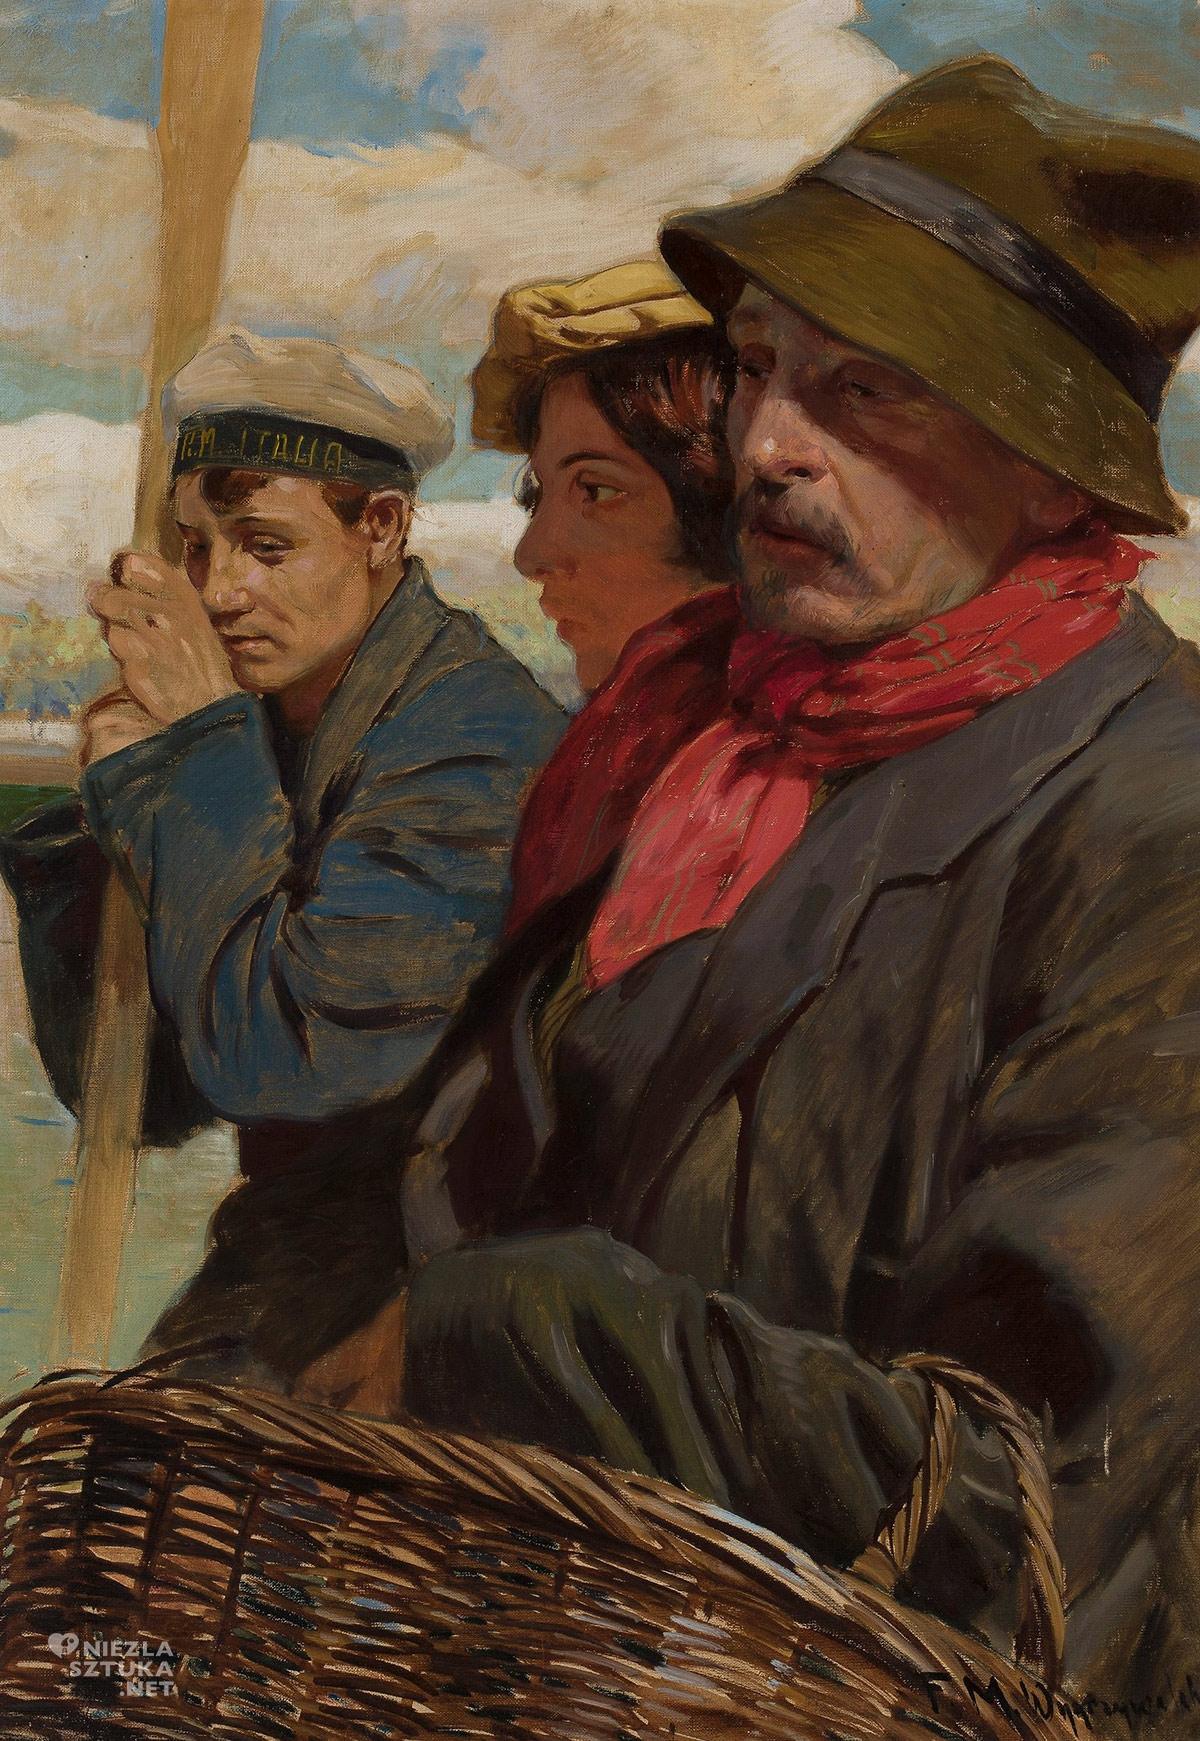 Feliks Michał Wygrzywalski, Starzec kobieta i marynarz, portret zbiorowy, malarstwo polskie, Niezła Sztuka